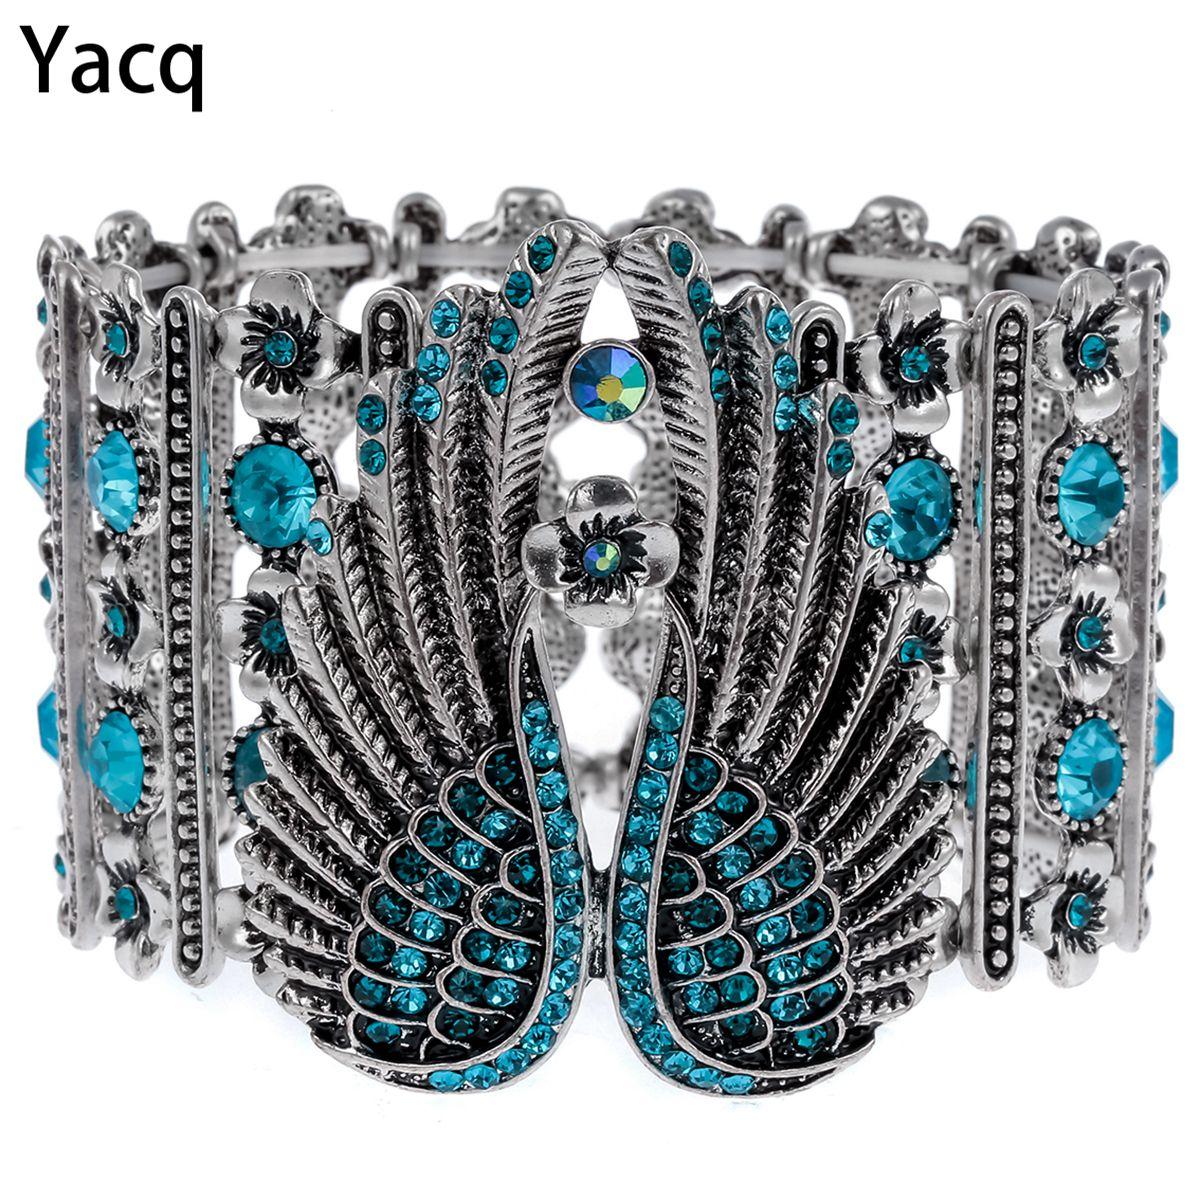 YACQ Ange Gardien Ailes Extensible Bracelet Manchette pour Les Femmes Motard Punk Cristal Bijoux Cadeau Couleur Argent Antique Dropshipping D05